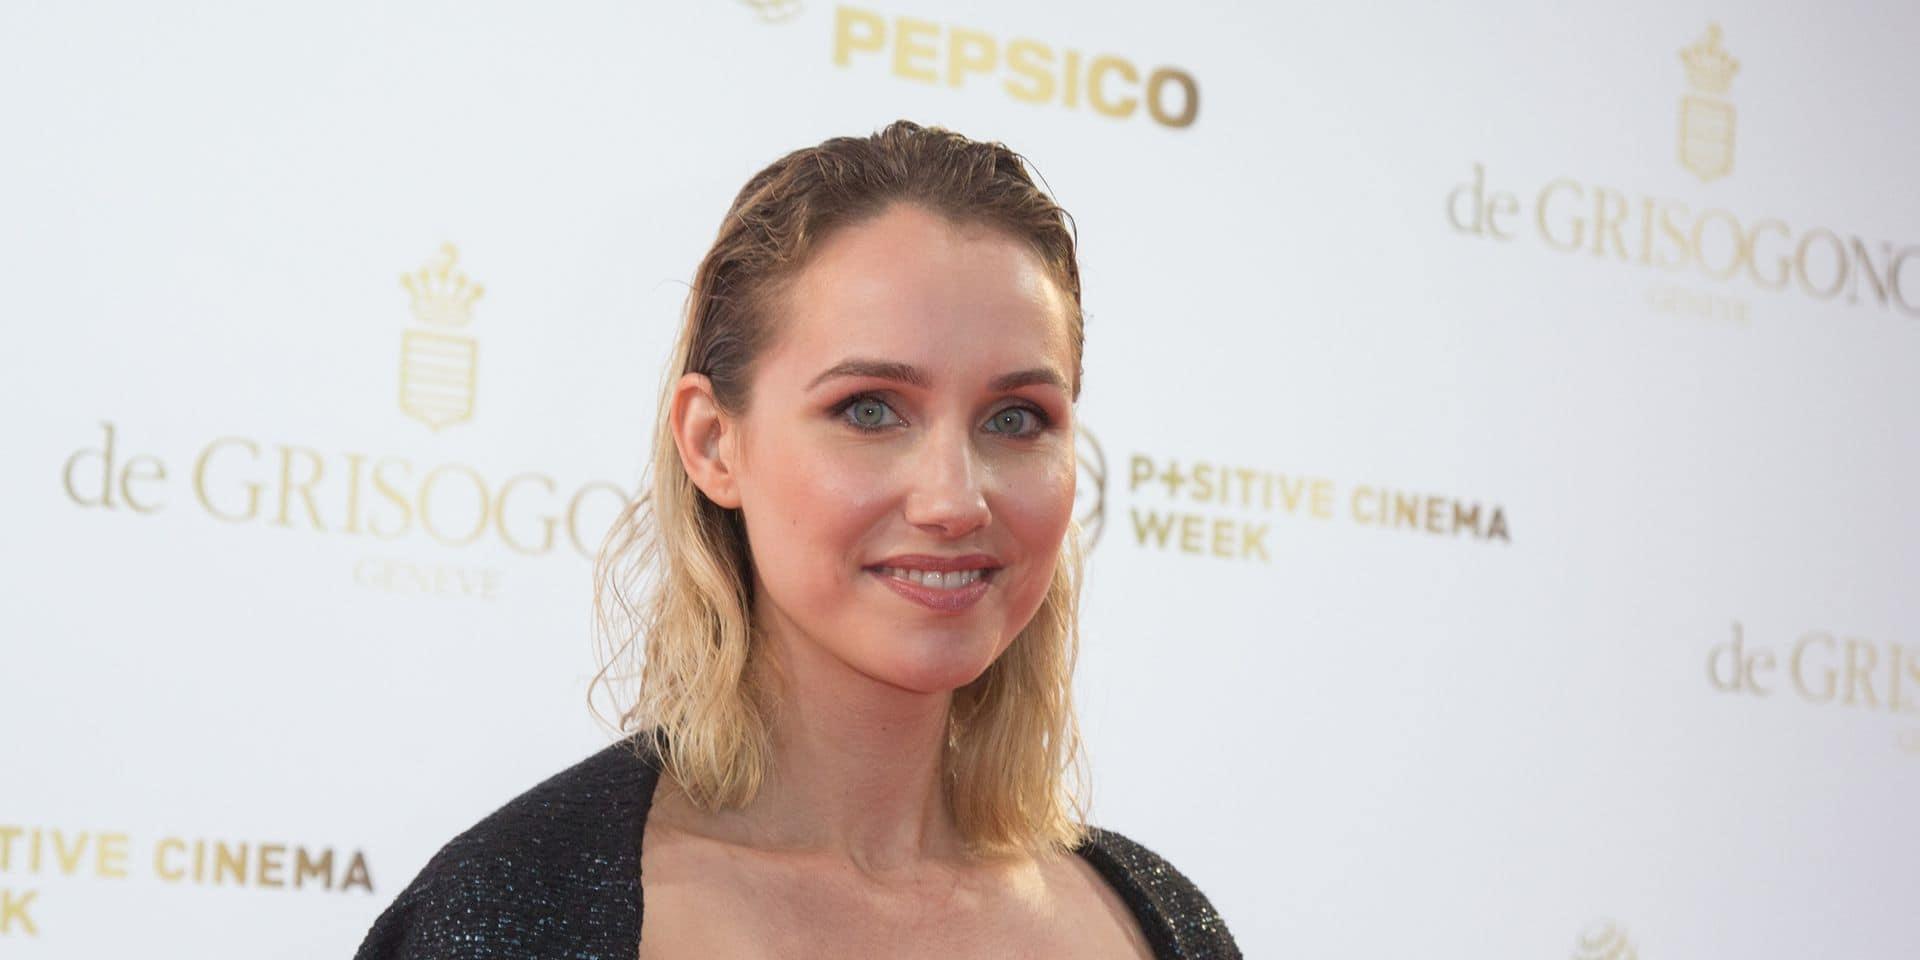 Sand Van Roy, l'actrice qui accuse Luc Besson d'agression sexuelle, livre un message puissant sur le tapis rouge de Cannes